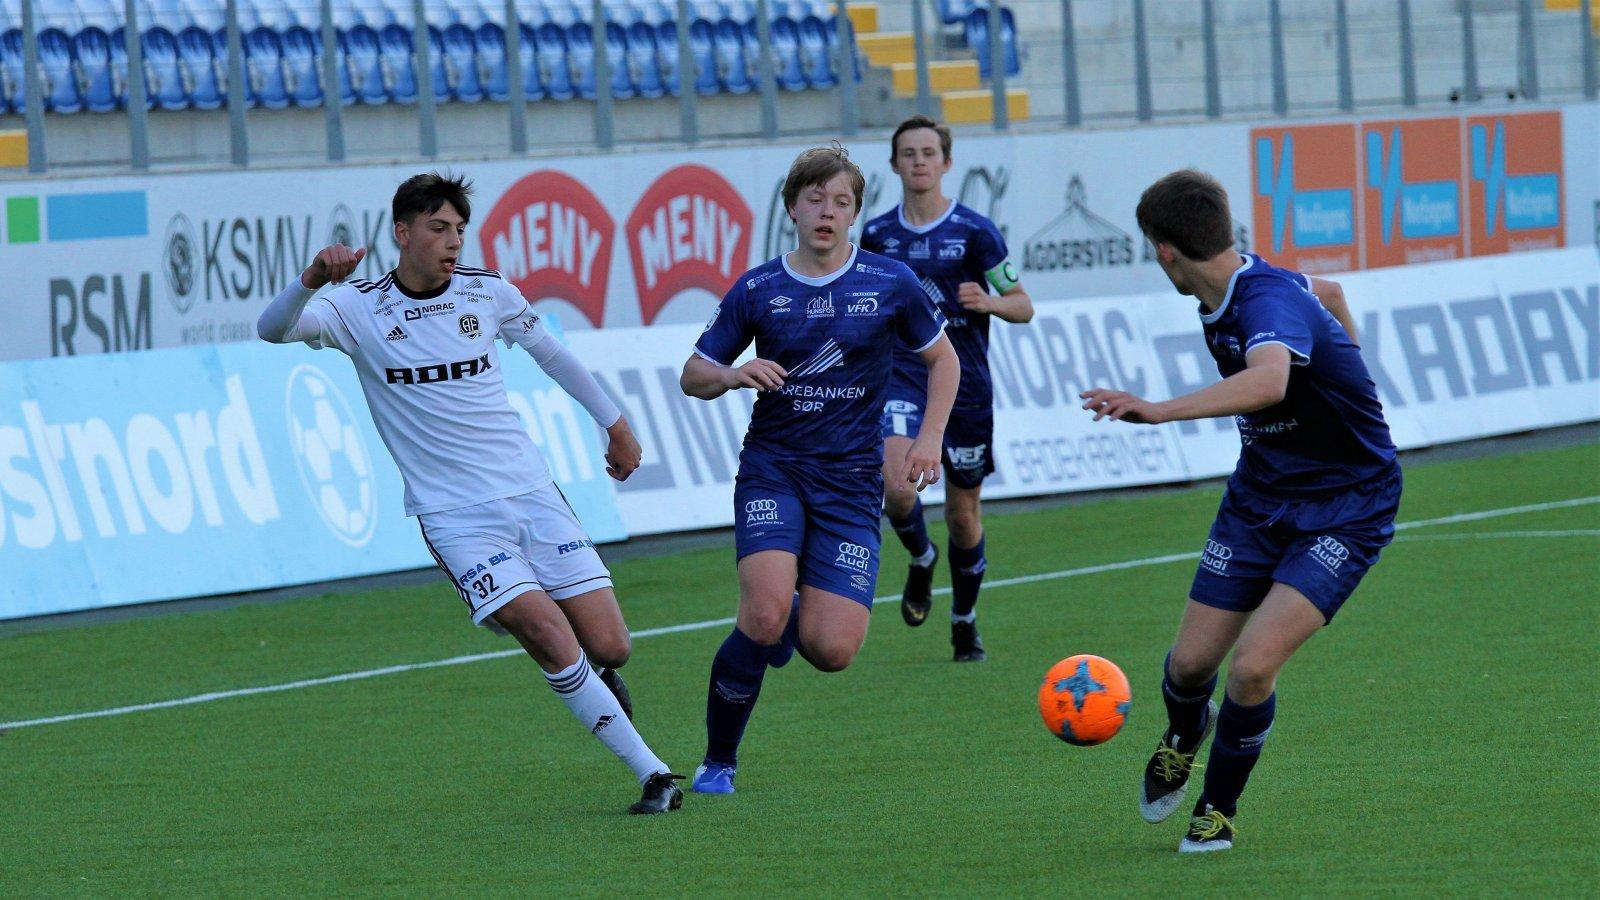 Sijam Nuri i aksjon for juniorlaget mot Vindbjart.